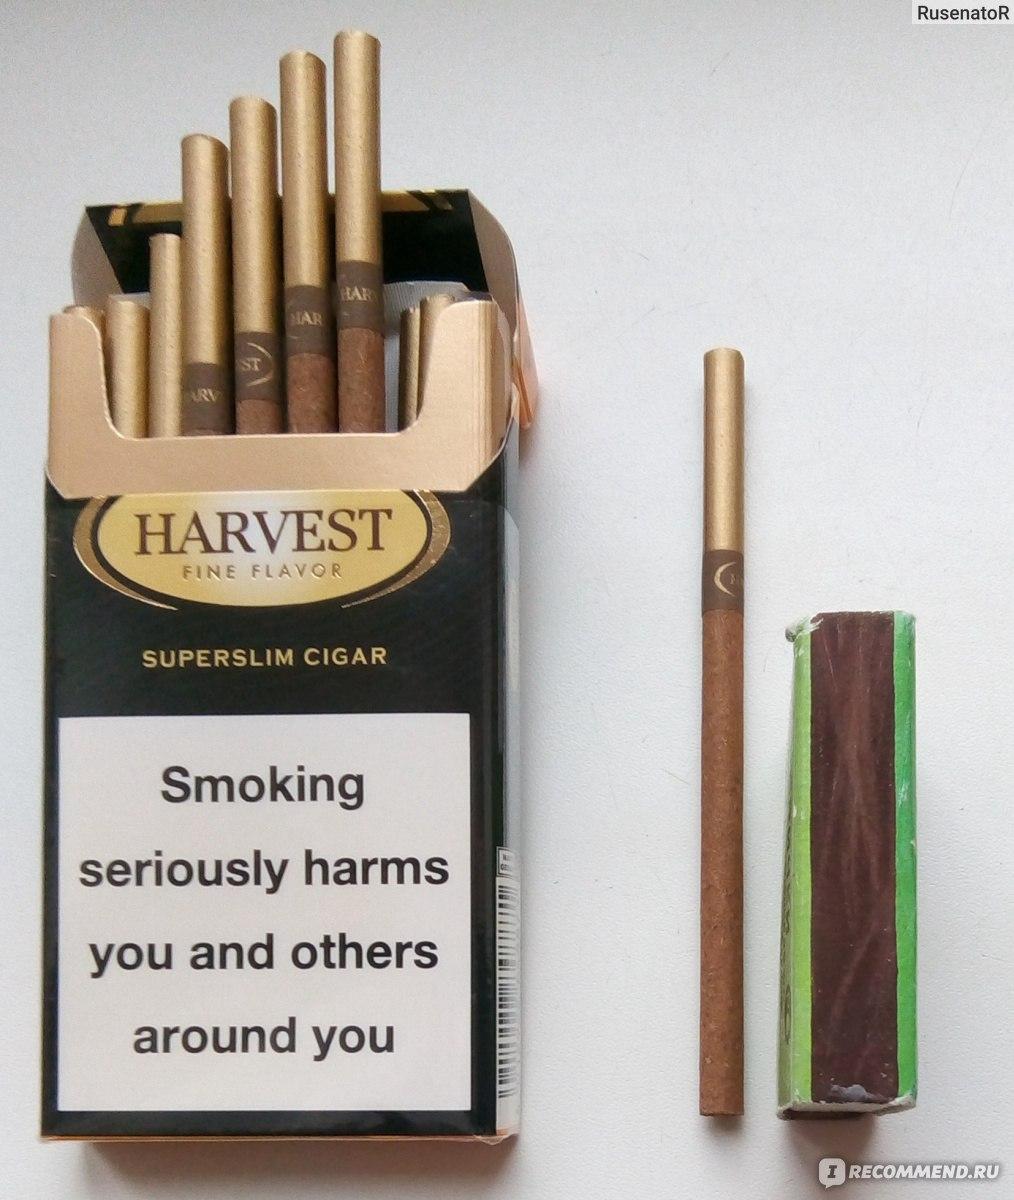 Купить сигареты харвест в ижевске сигареты esse купить оптом в москве